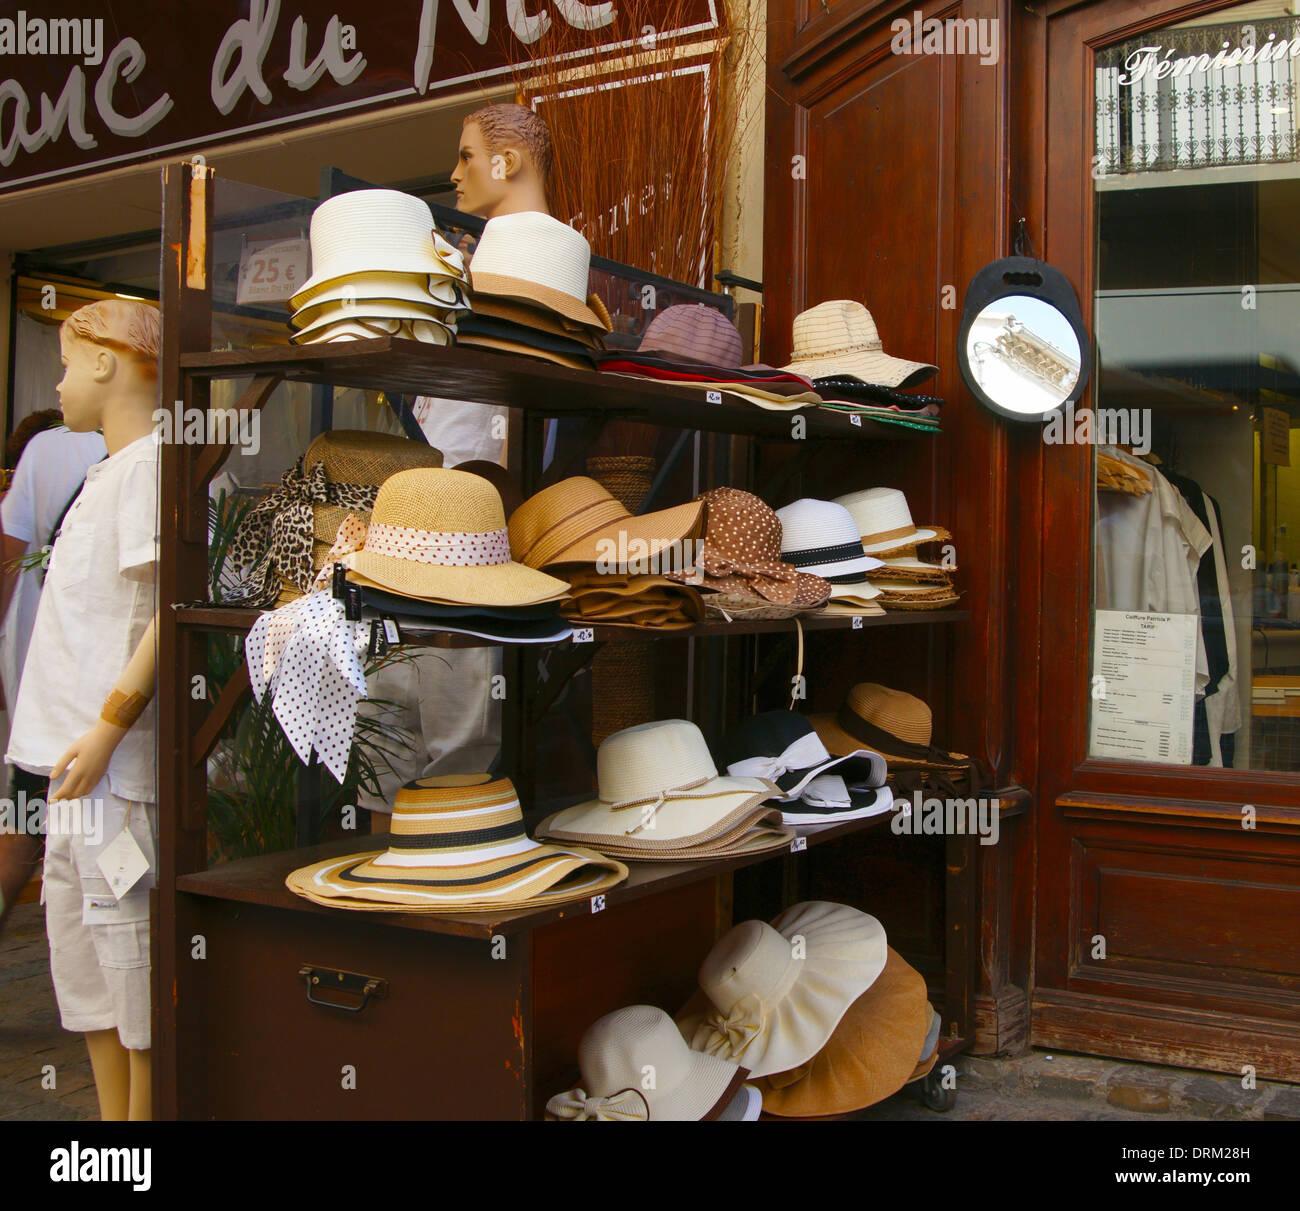 The Hat Shop,  Aigues-Mortes, 30220  France - Stock Image